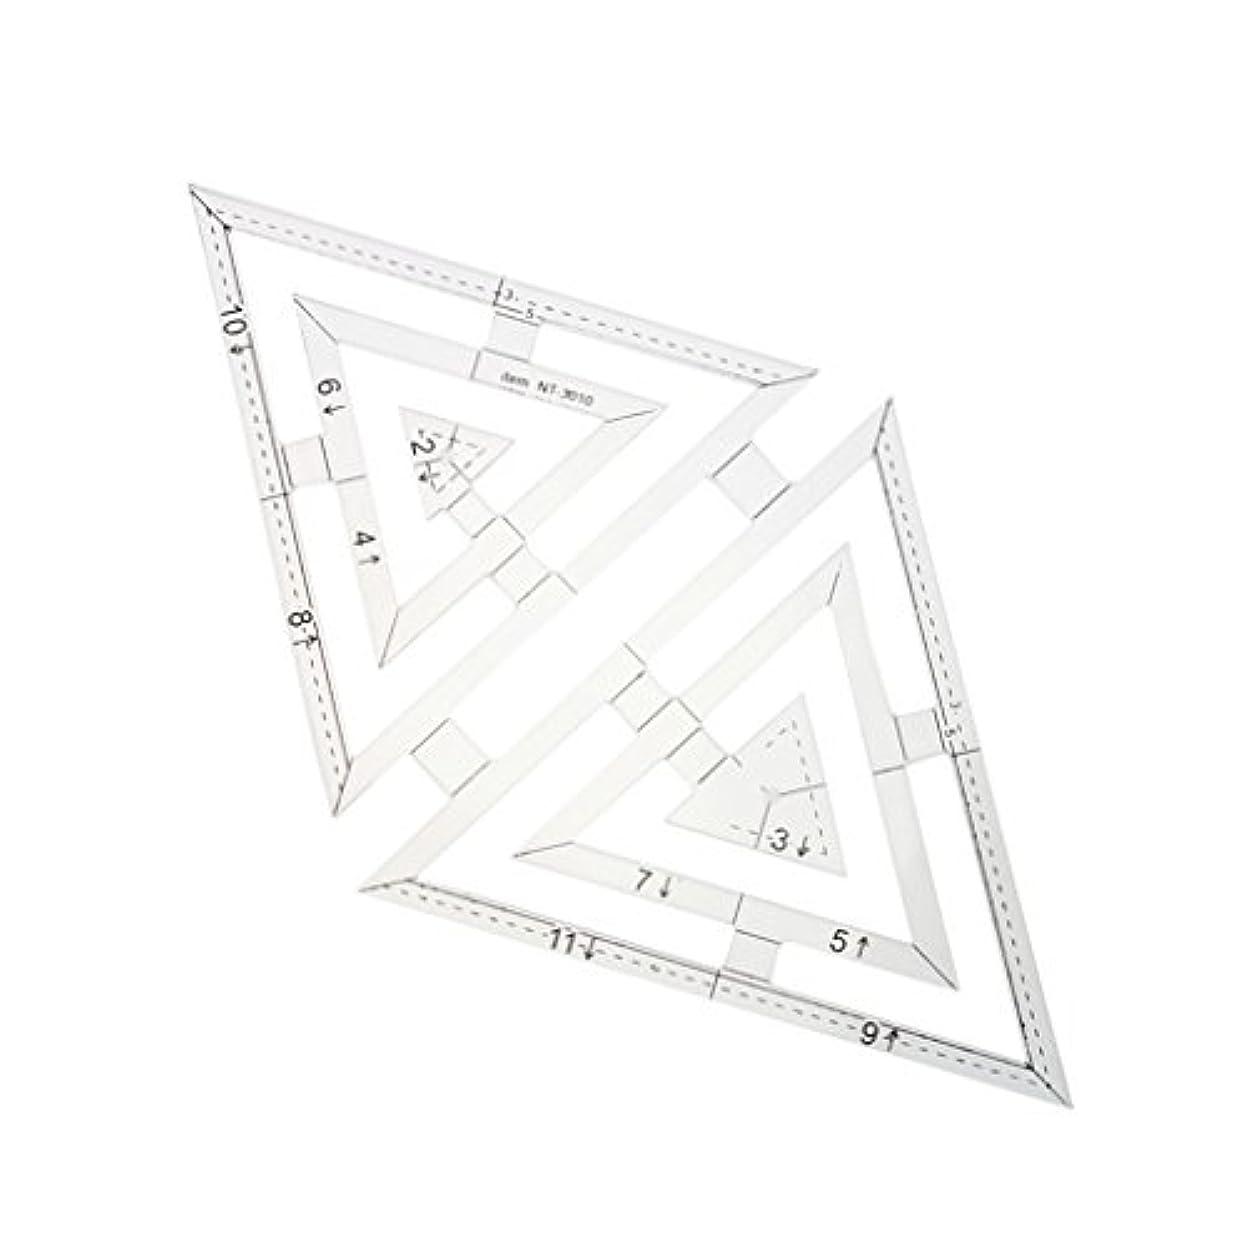 かかわらずサスペンド勘違いするアクリル テンプレート 描画ルーラー 定規 建築図面定規 DIY レザークラフトツール 透明 三角